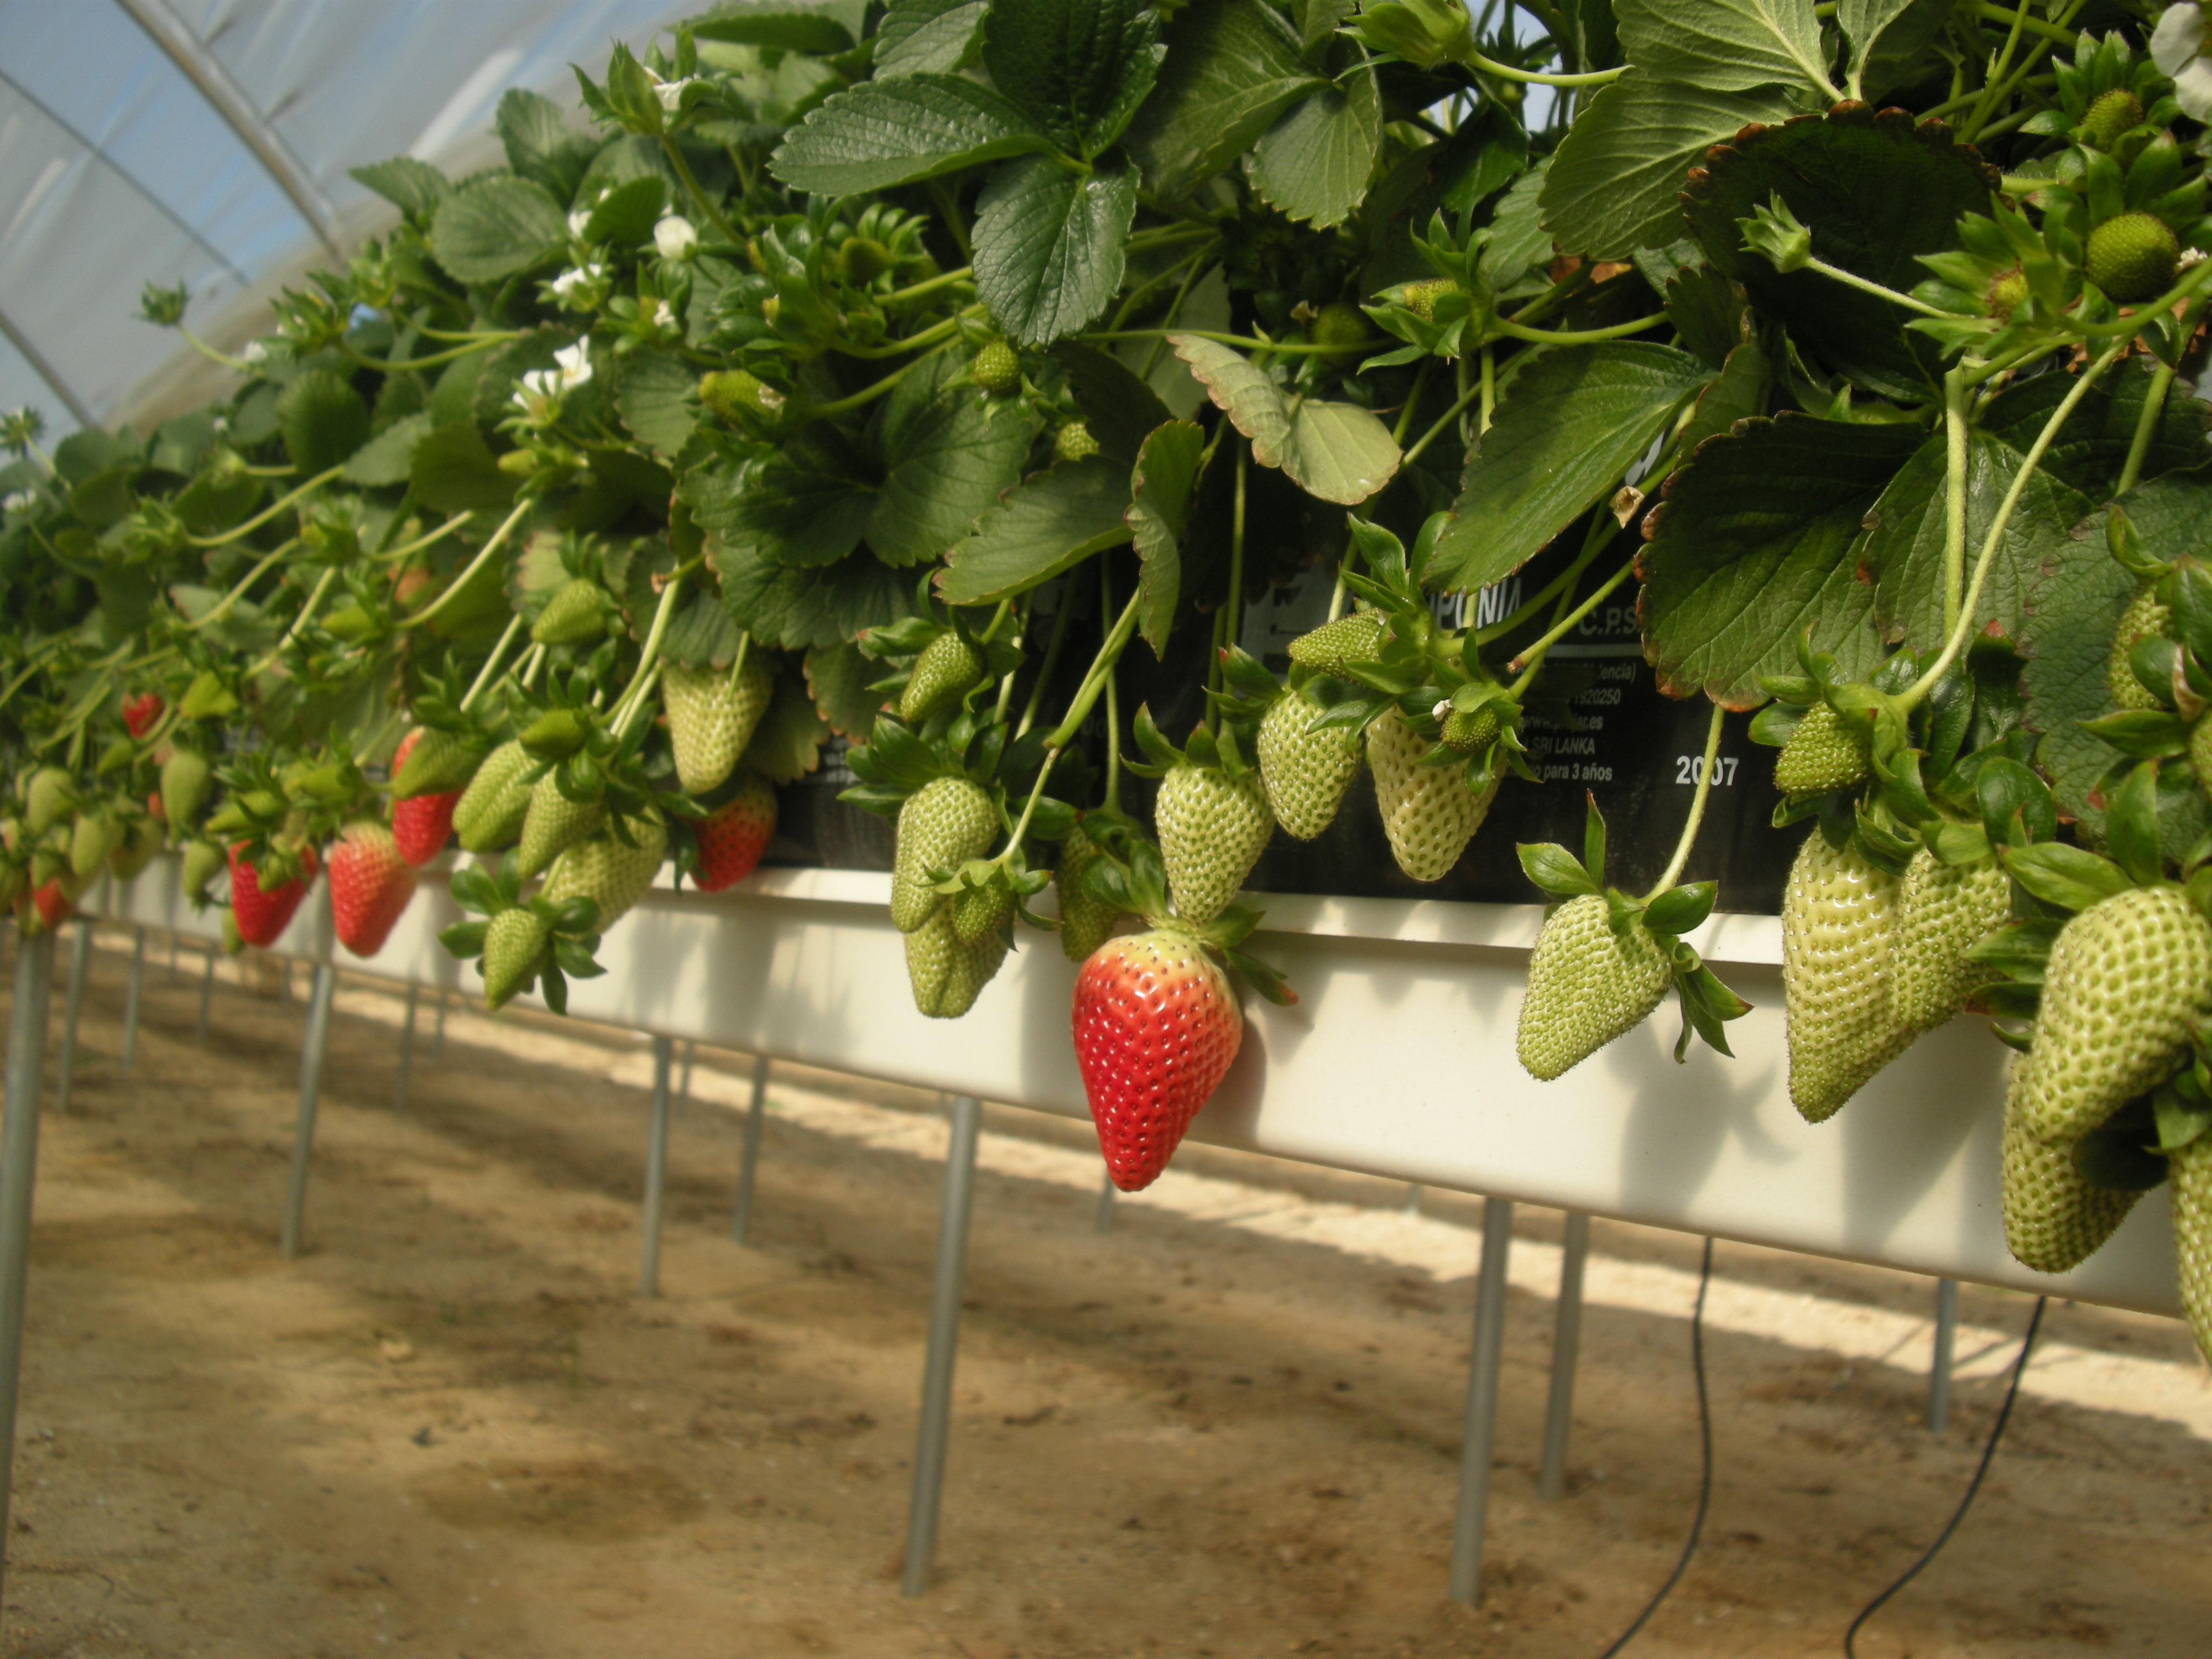 Placas De Cultivo Hidroponico Para Fresa Projar - Cultivo-hidroponicos